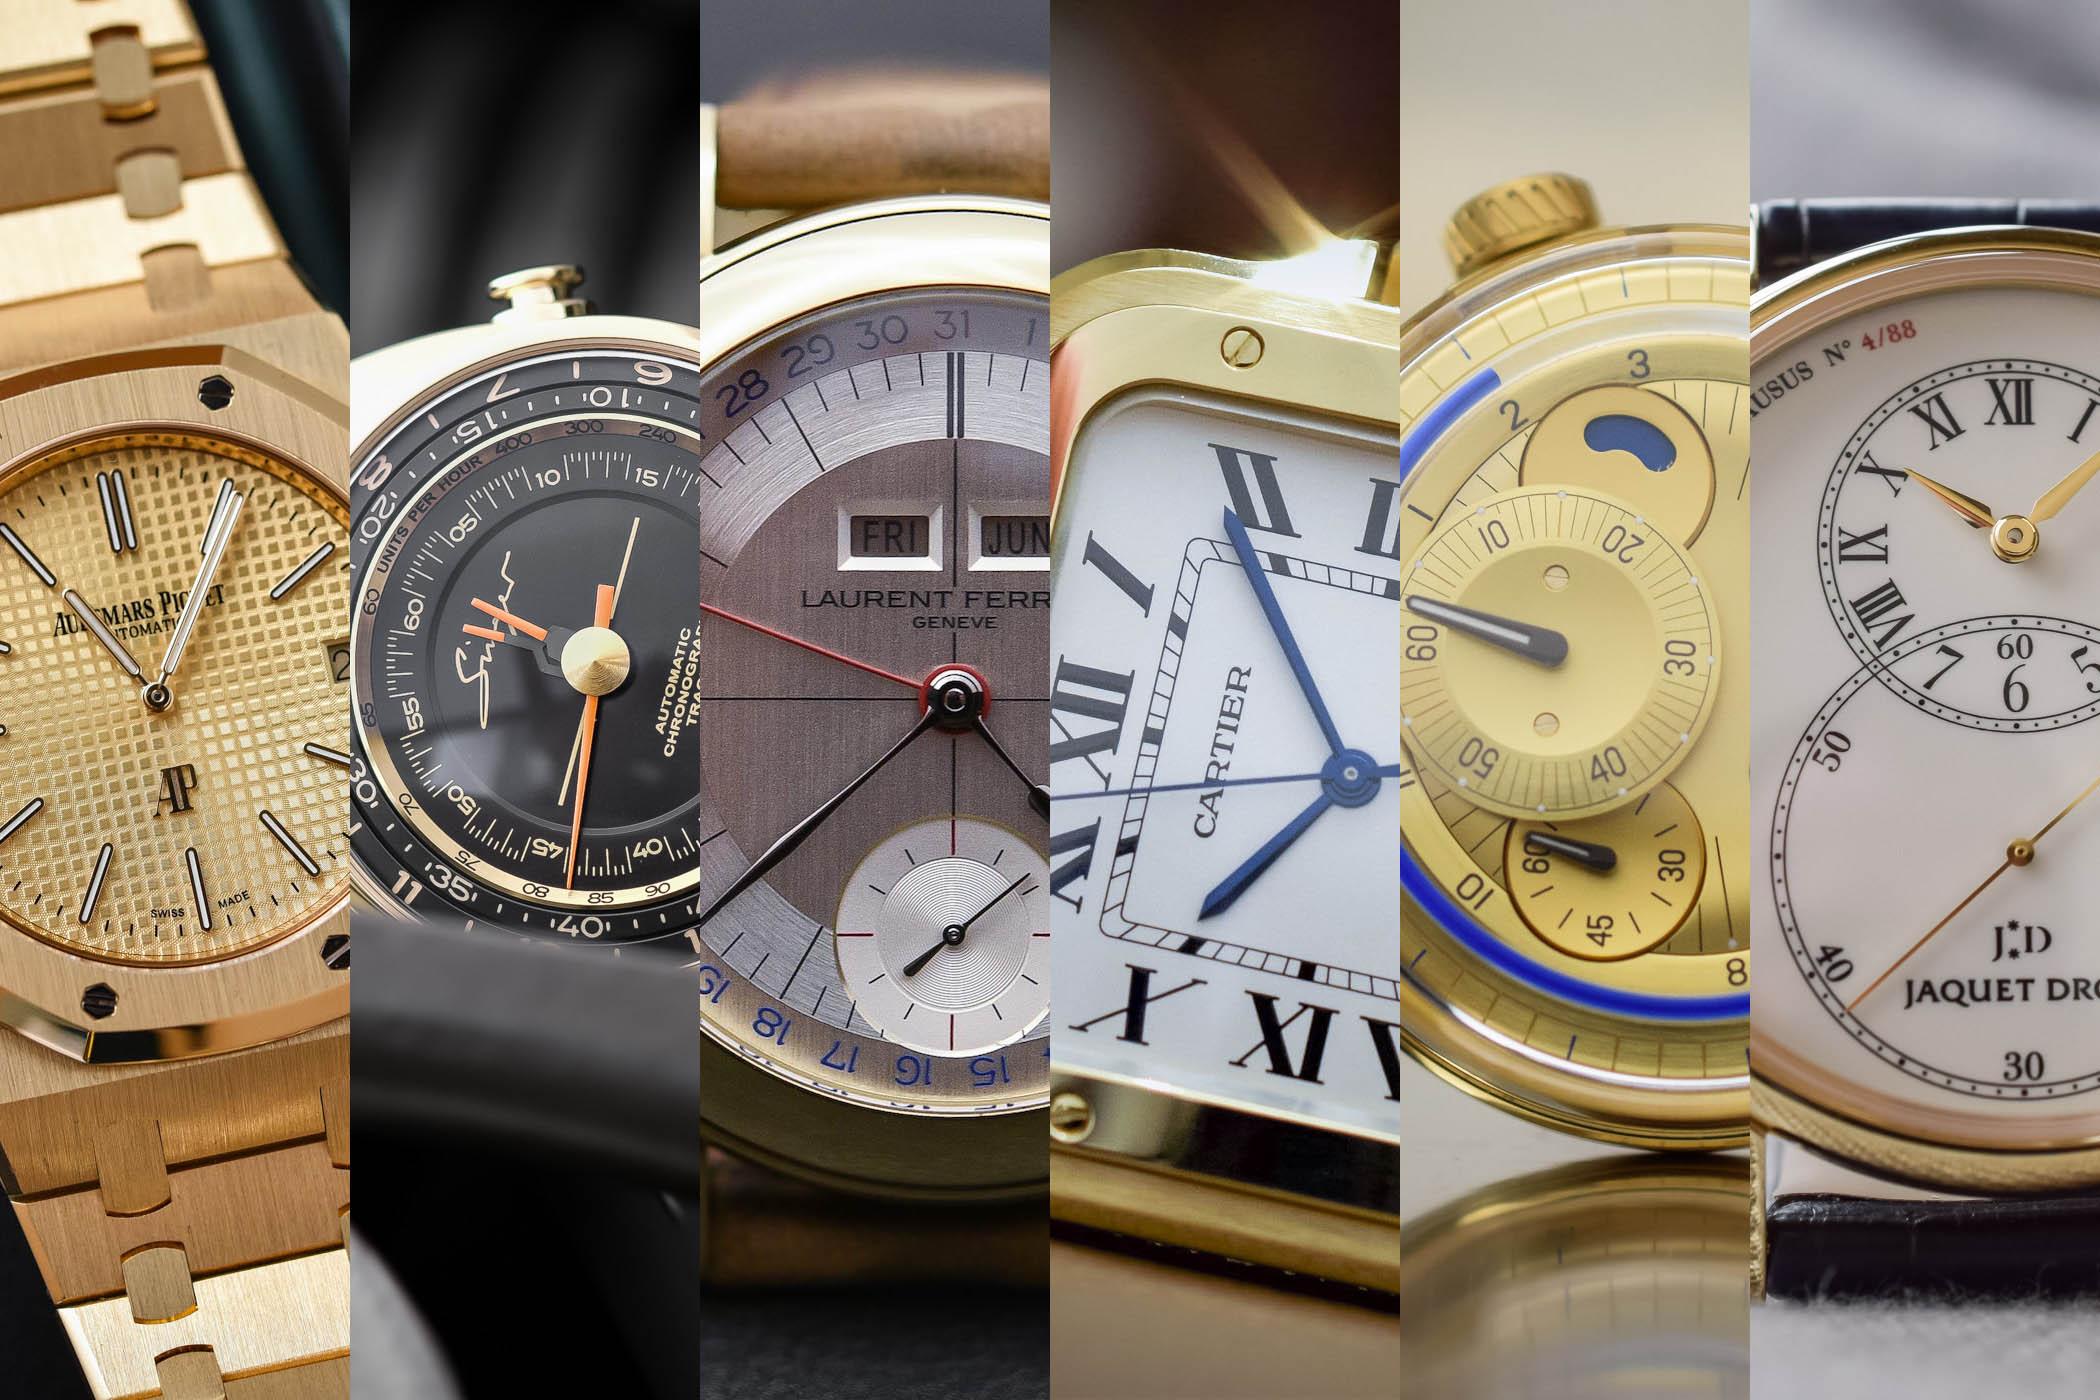 496380663 عندما تريد أن تشتري ساعة، يجب أن تفهم الفروق بين أنواع الساعات بشكل كامل.  هناك ثلاثة أنواع عامة من الساعات، النوع الأول هو الساعات التناظرية التي ...